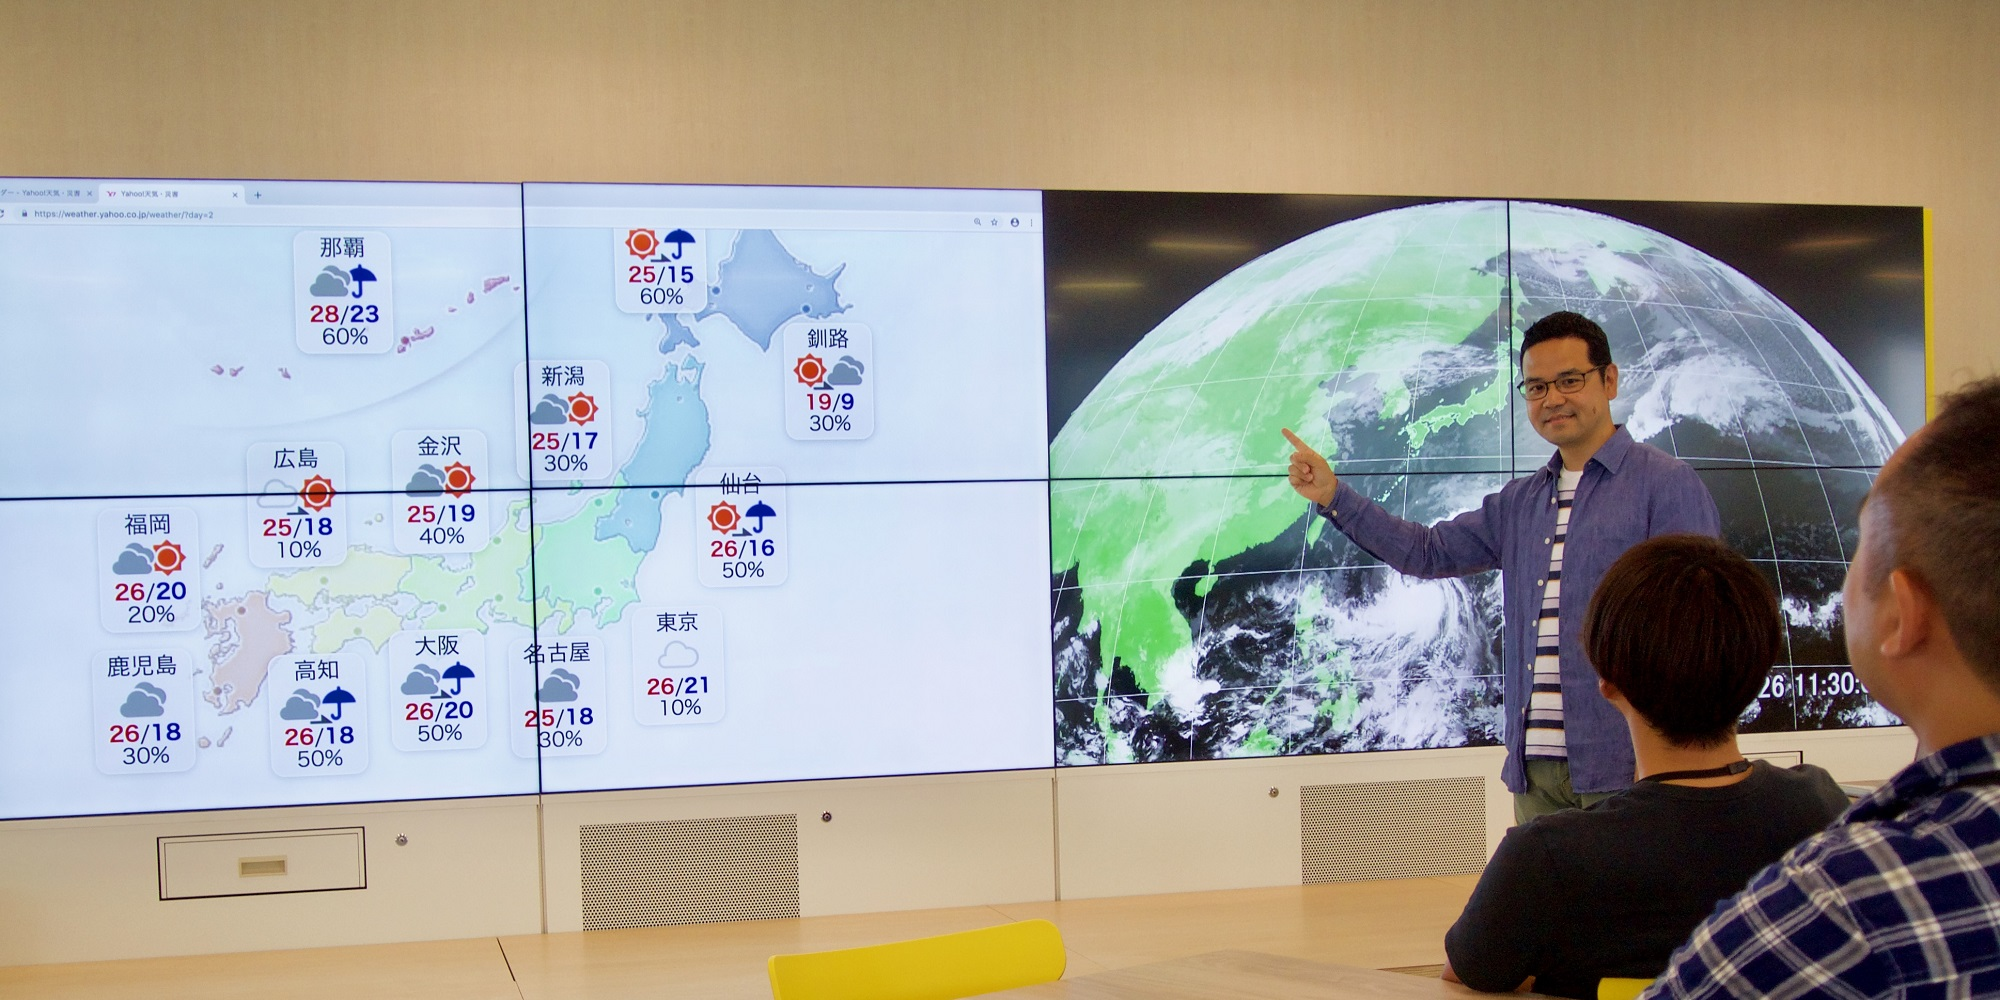 田中が大きなスクリーンに映された天気図を指し示しながら説明をしている写真